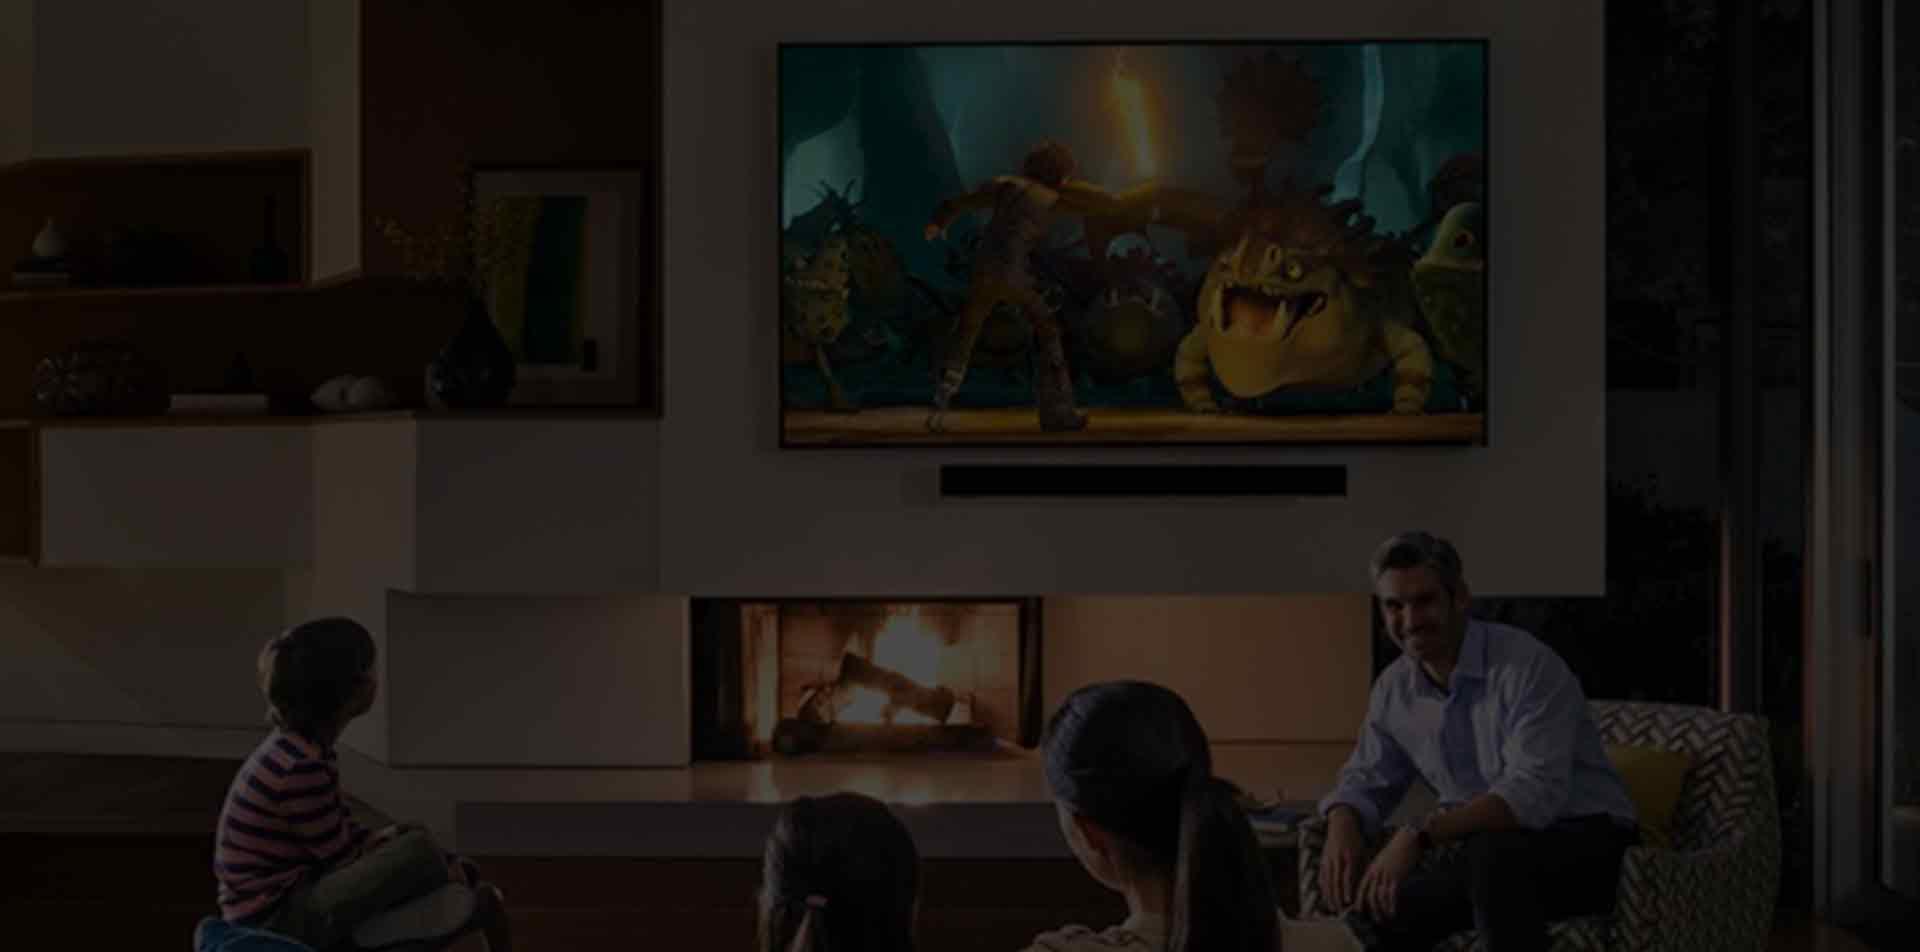 نمایندگی تعمیر تلویزیون وستل در تهران